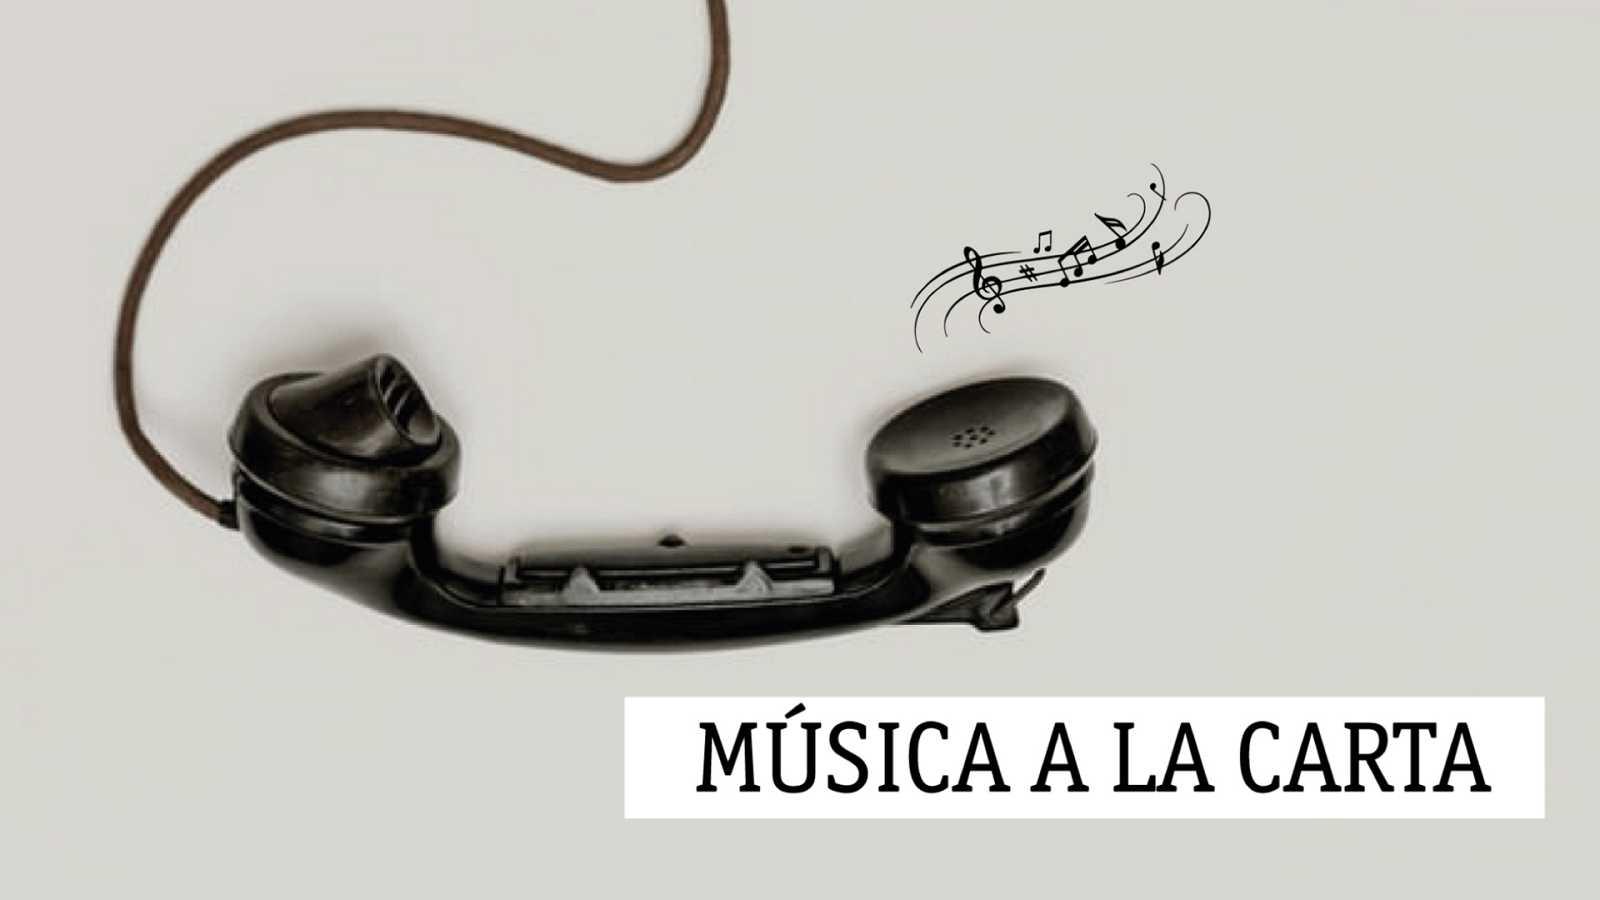 Música a la carta - 07/05/21 - escuchar ahora